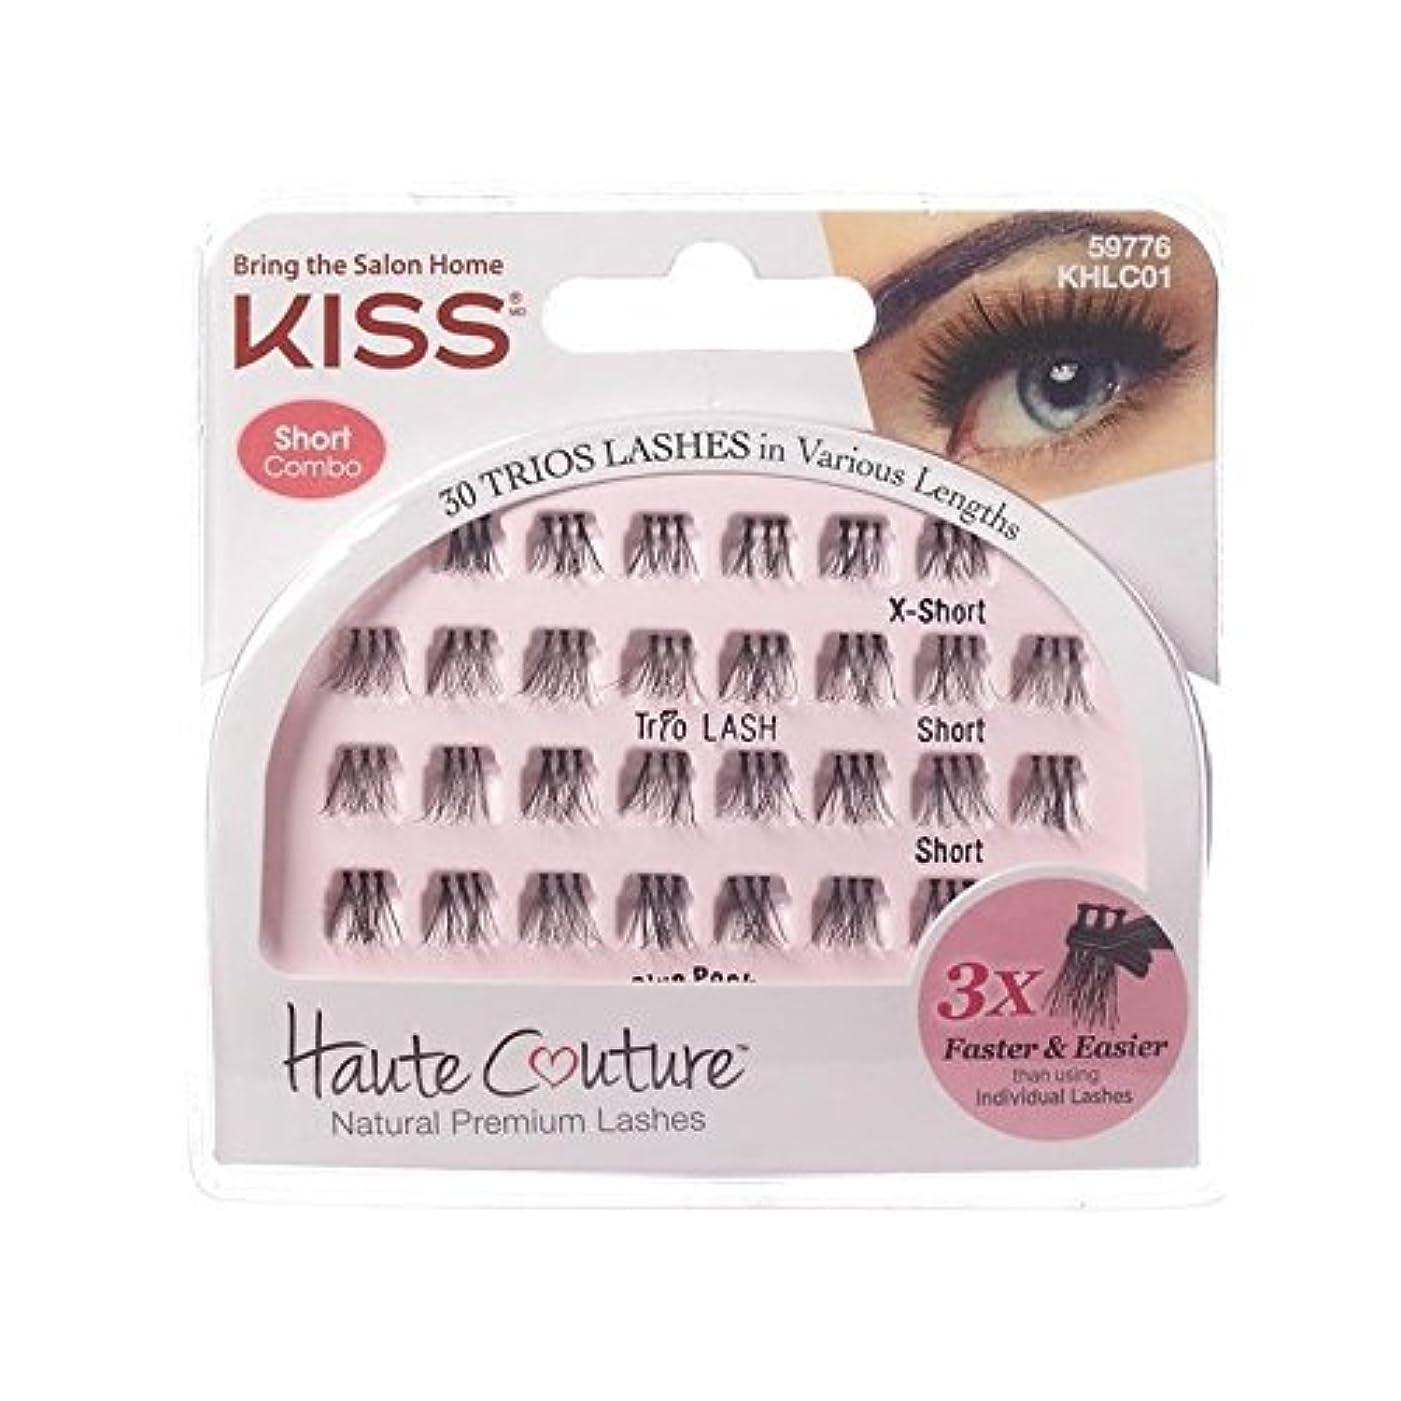 ベーカリーアラブこのオートクチュールトリオが上品なまつげにキス x4 - Kiss Haute Couture Trio Lashes Classy (Pack of 4) [並行輸入品]